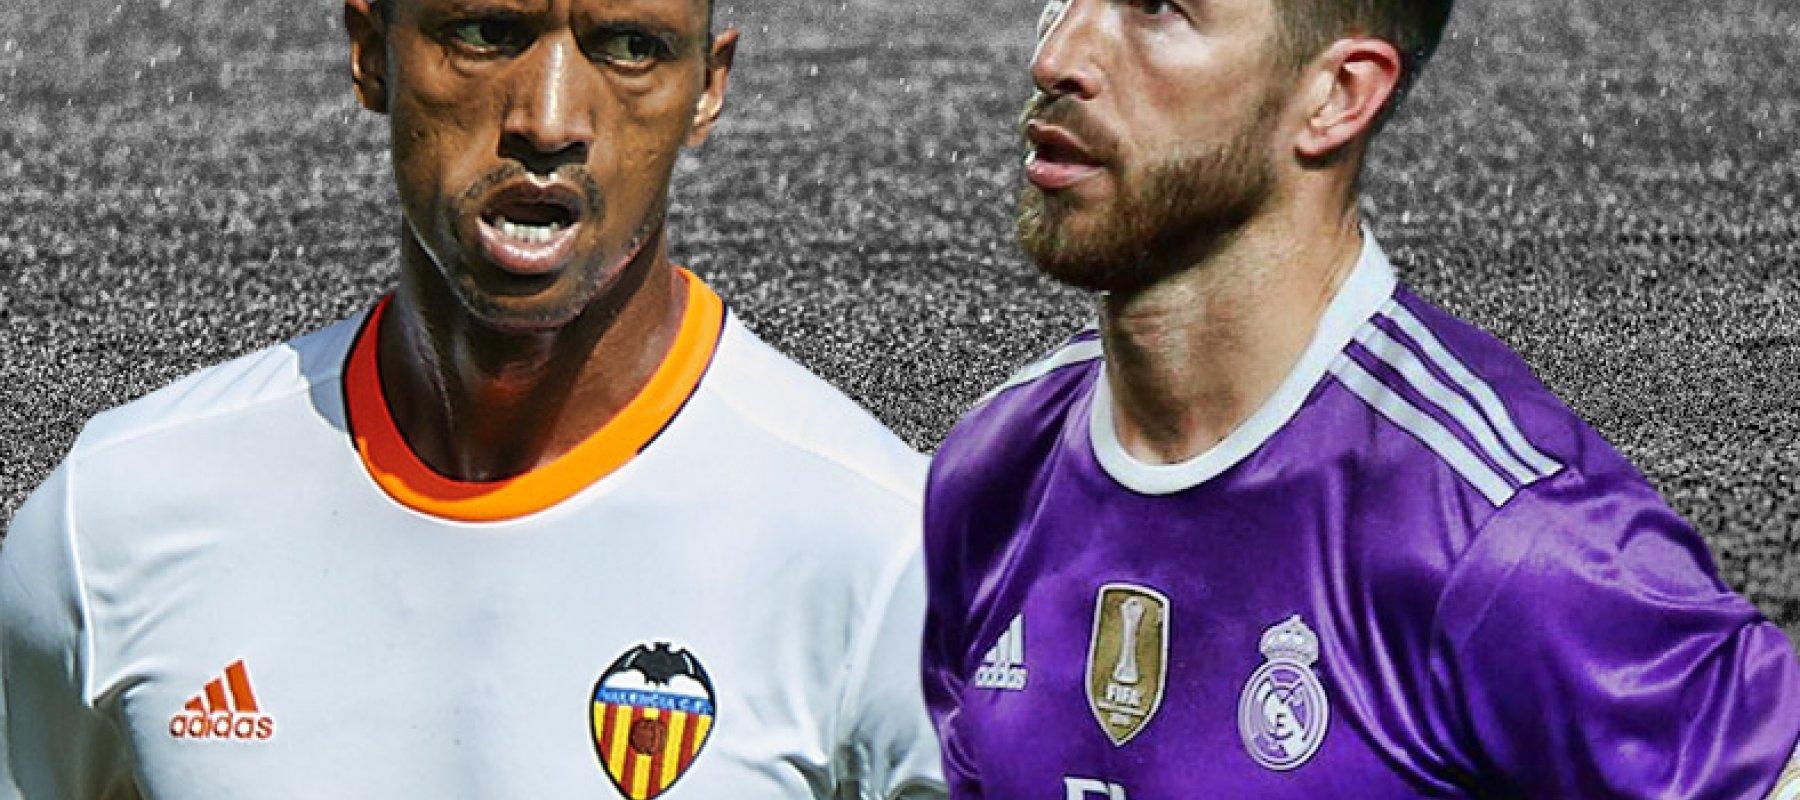 Прогноз на матч Сельта - Валенсия 21 апреля 2018